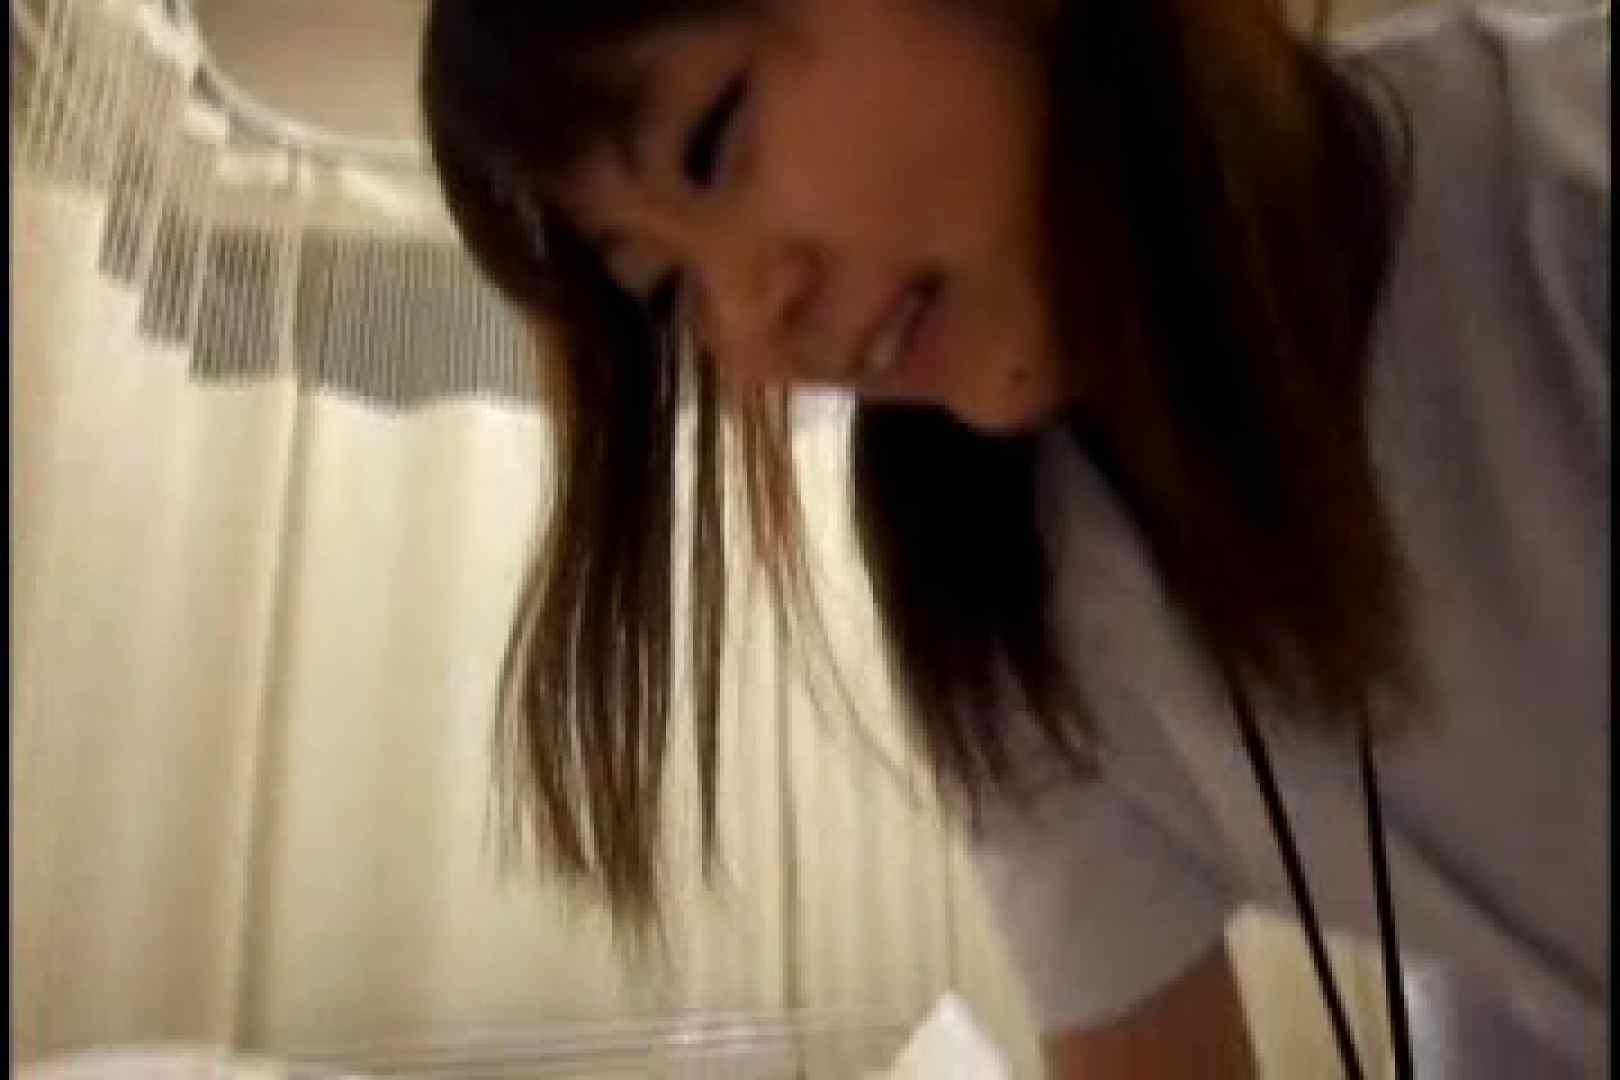 ヤリマンと呼ばれた看護士さんvol1 シックスナイン  98pic 58